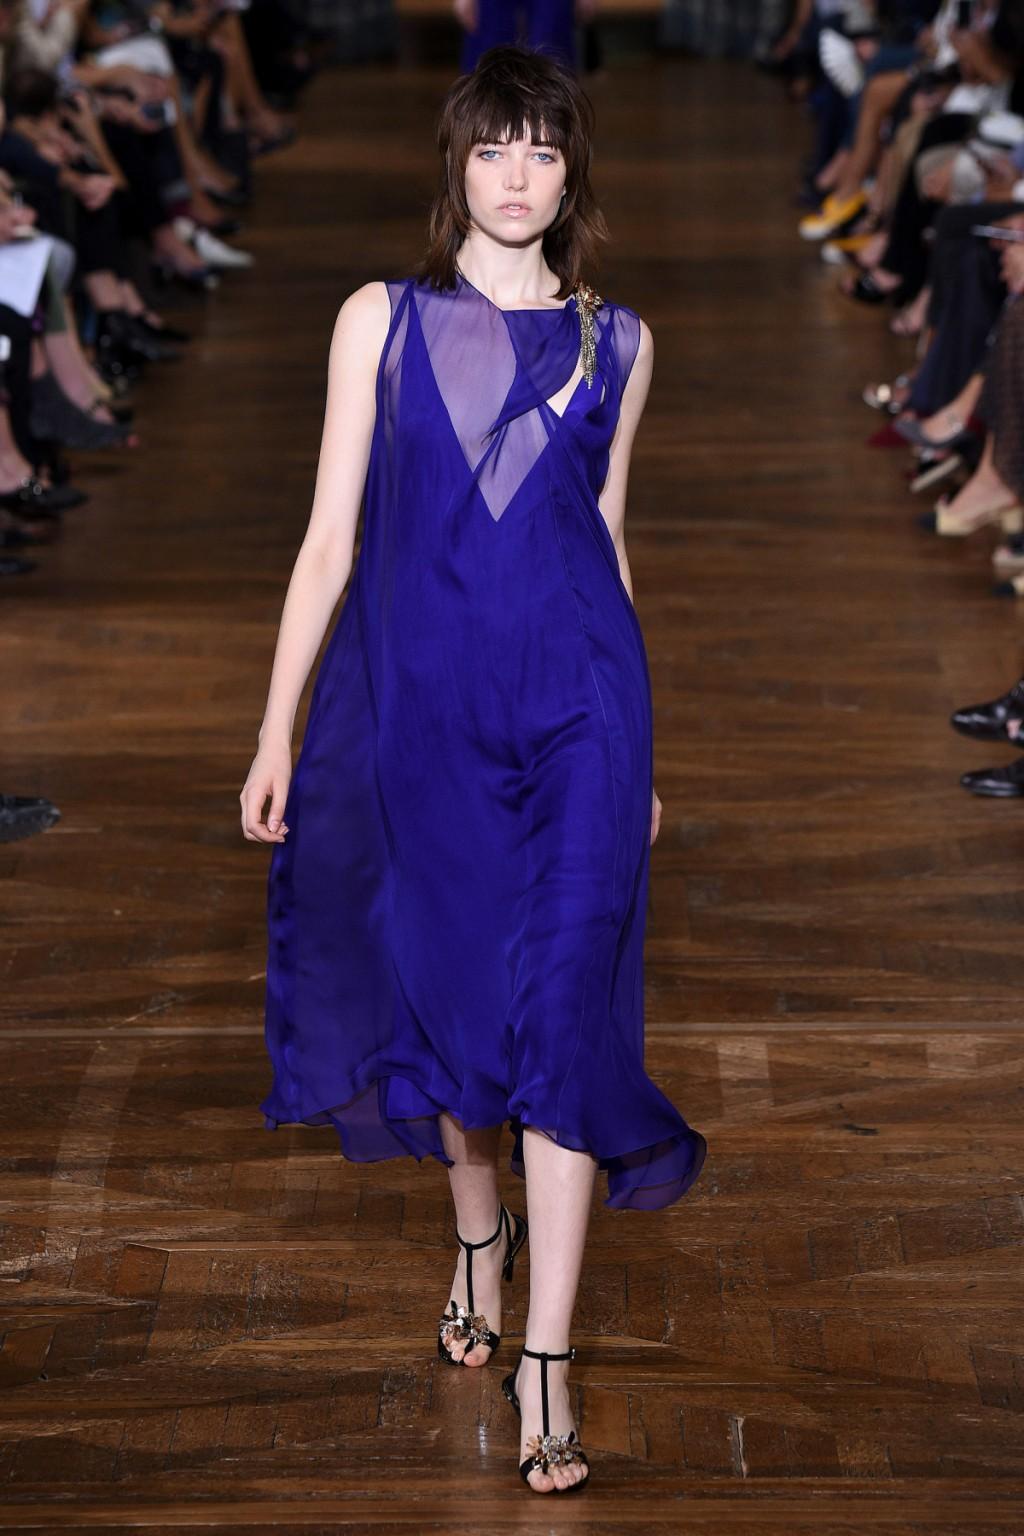 Bên cạnh sắc đen trắng, Lanvin cũng mang tới những chiếc váy xanh cho mùa Xuân-Hè 2017